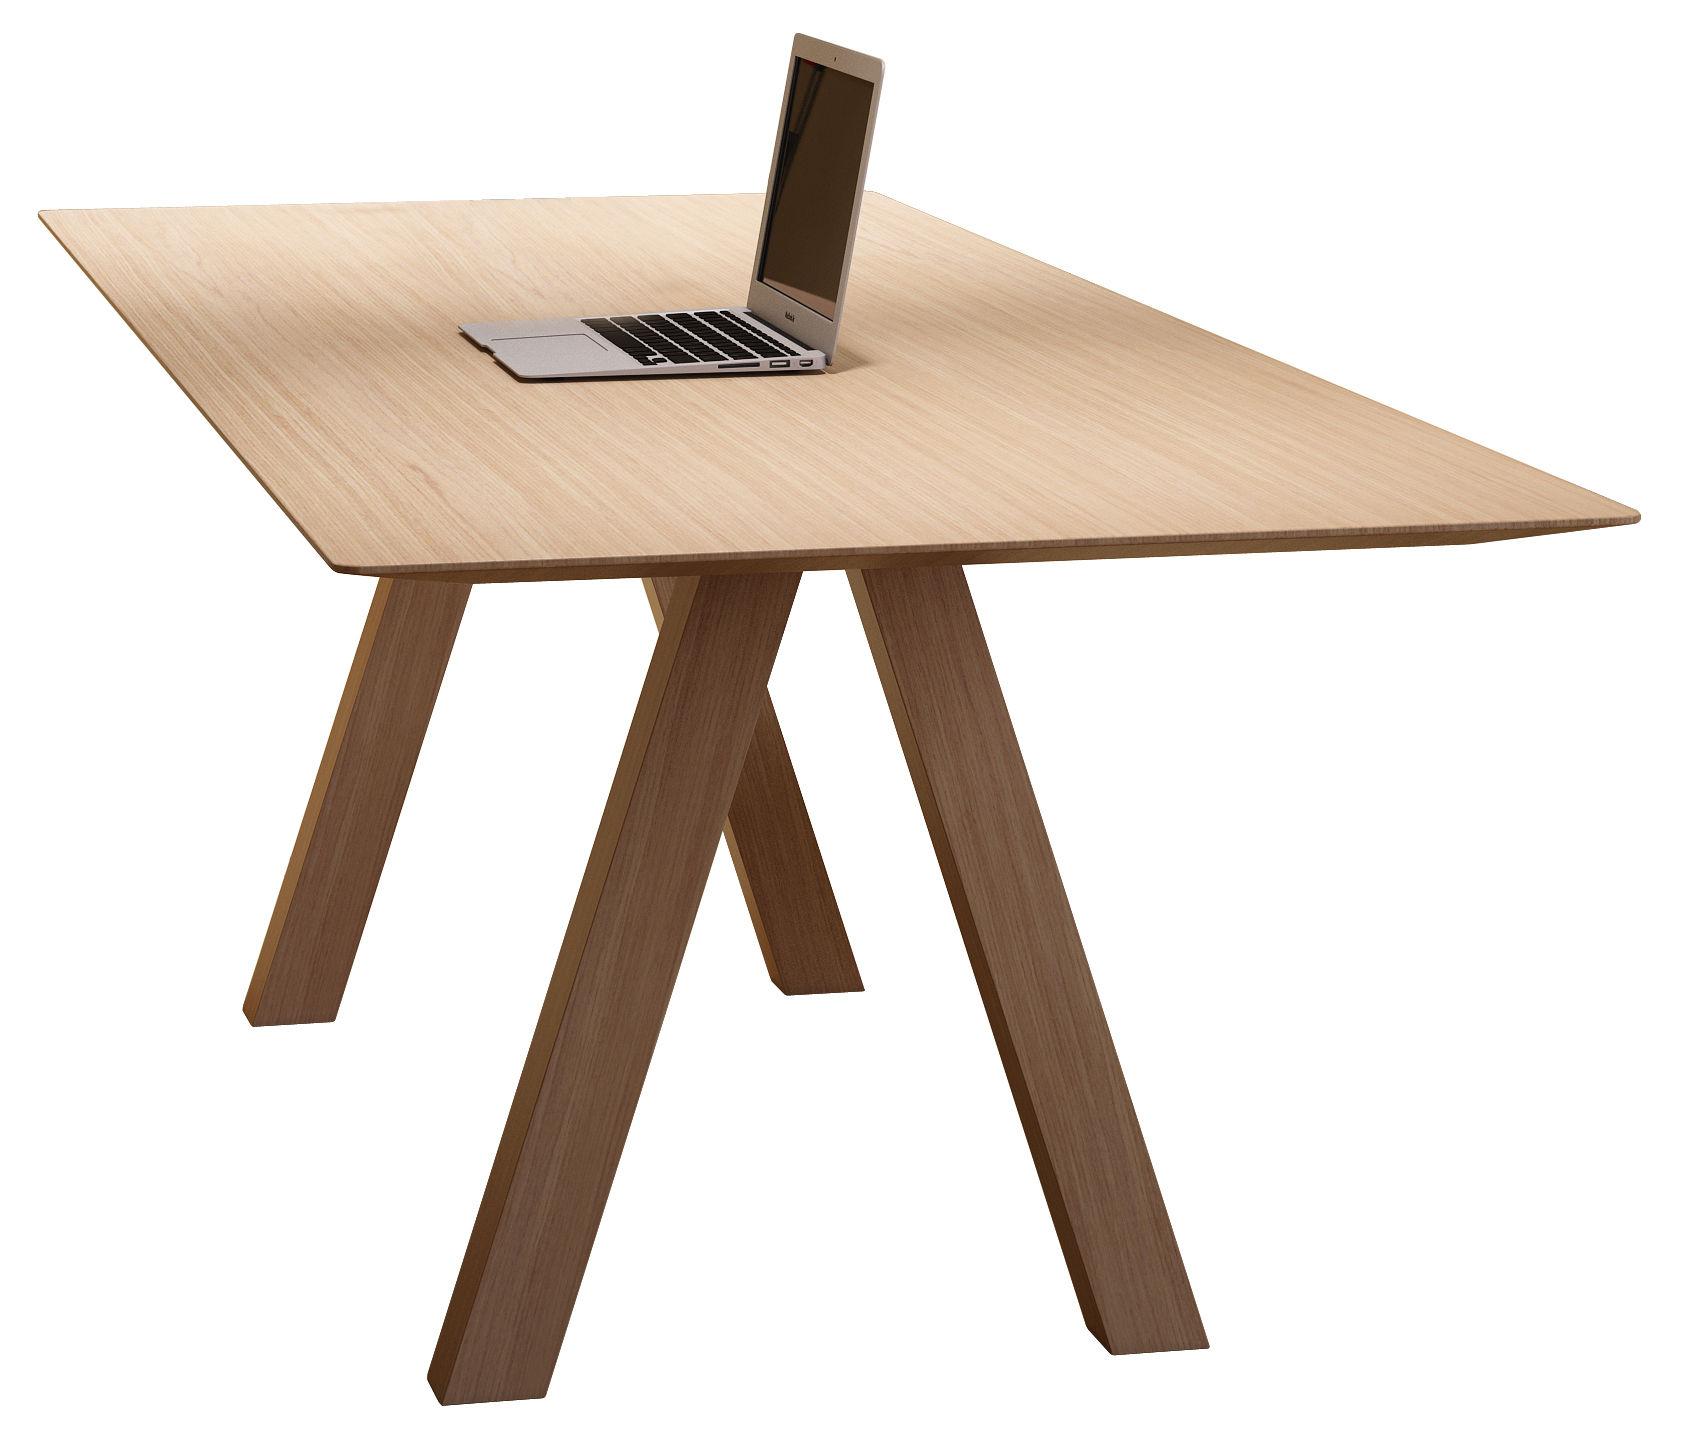 Furniture - Dining Tables - Tresle Rectangular table - / 240 x 90 cm by Viccarbe - Natural Oak - MDF veneer oak, Solid oak